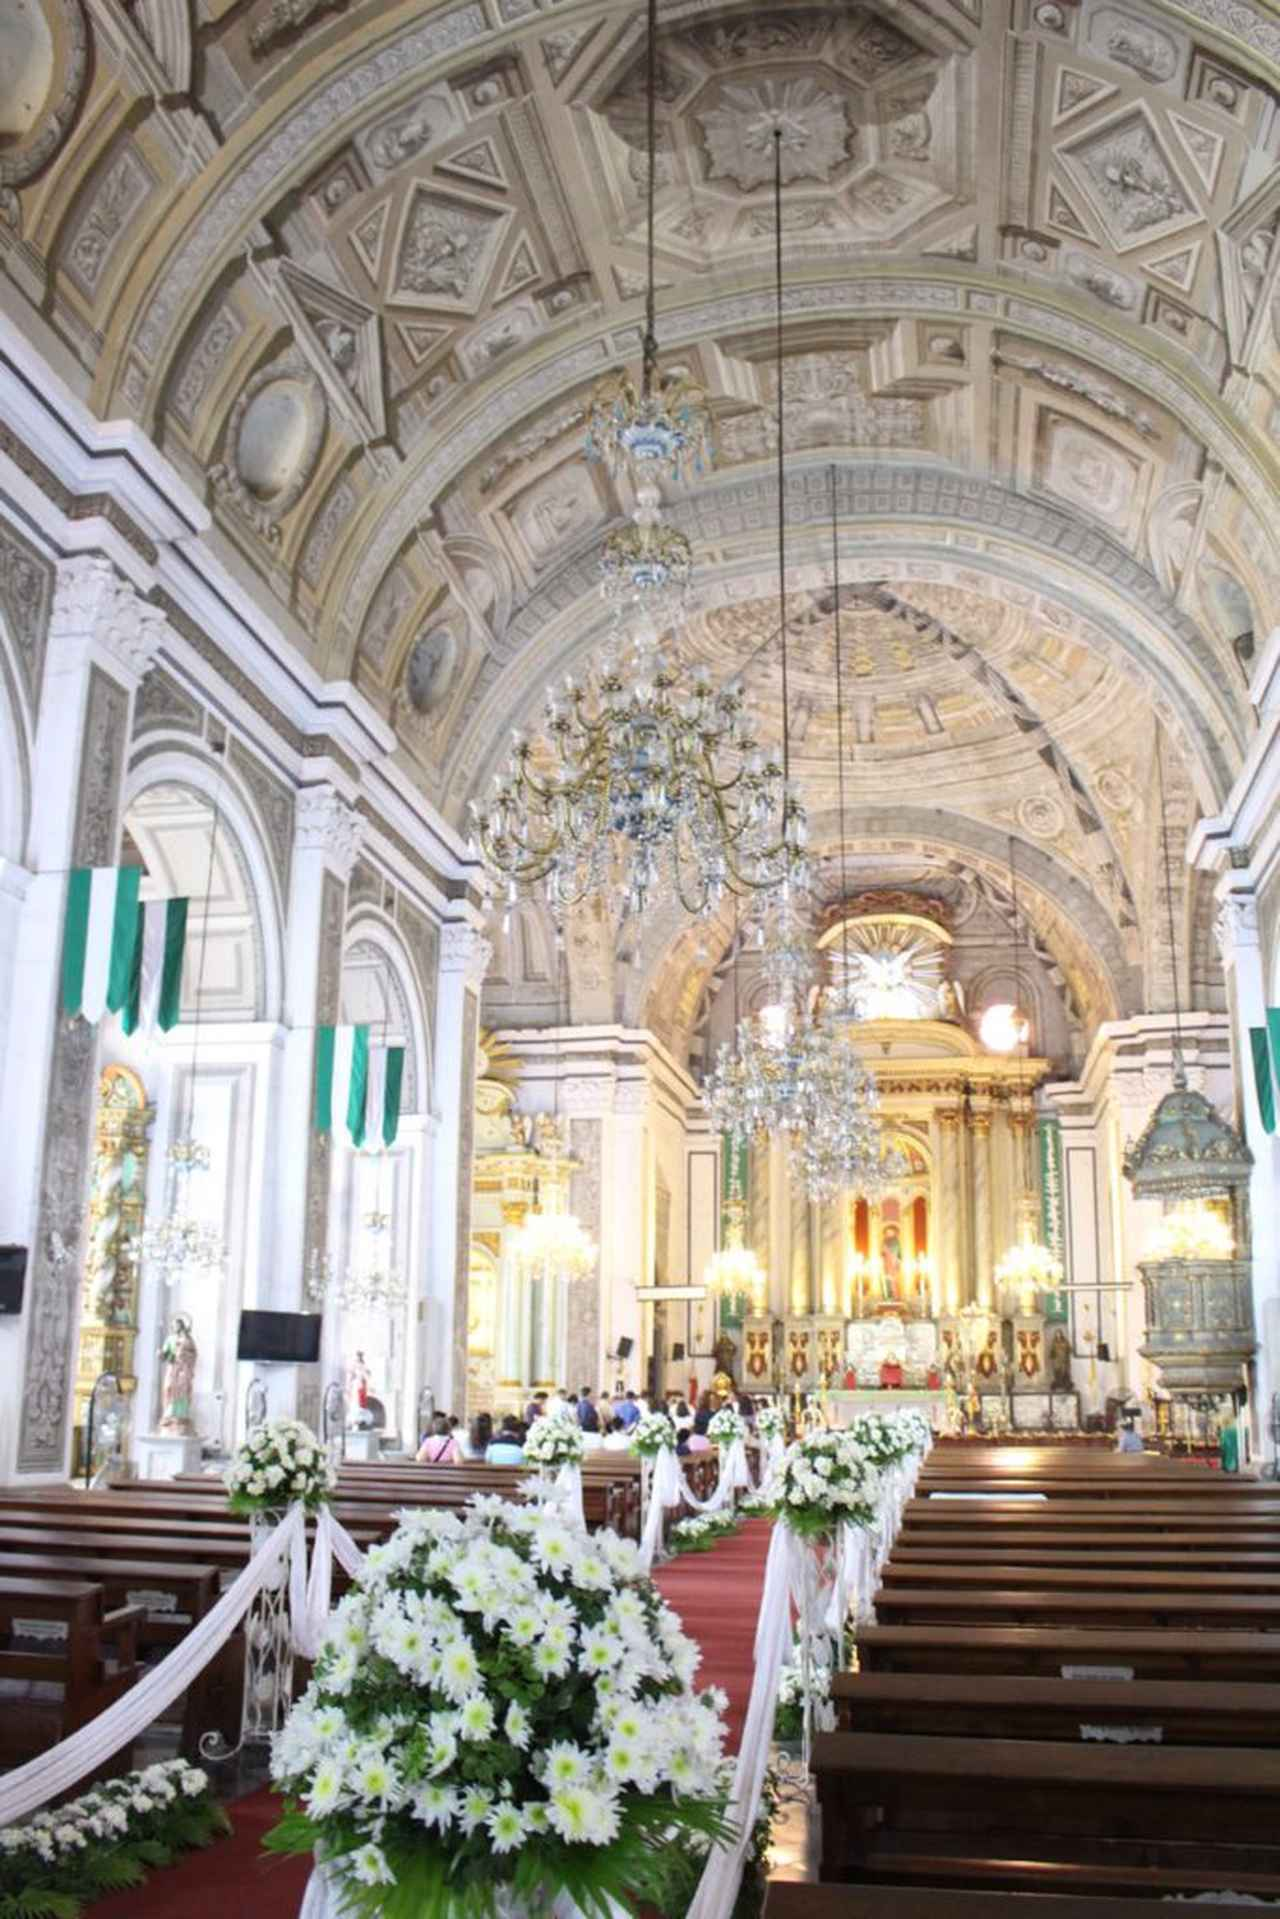 画像: サン・アグスティン教会は、フィリピン人あこがれの結婚式場としても有名 Photo by Rising sun